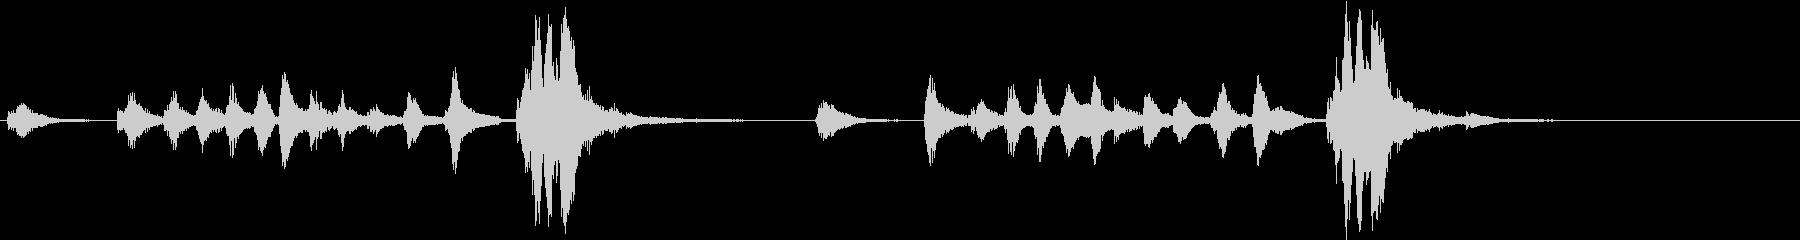 トムとジェリー風なアニメ音楽「忍び足」5の未再生の波形